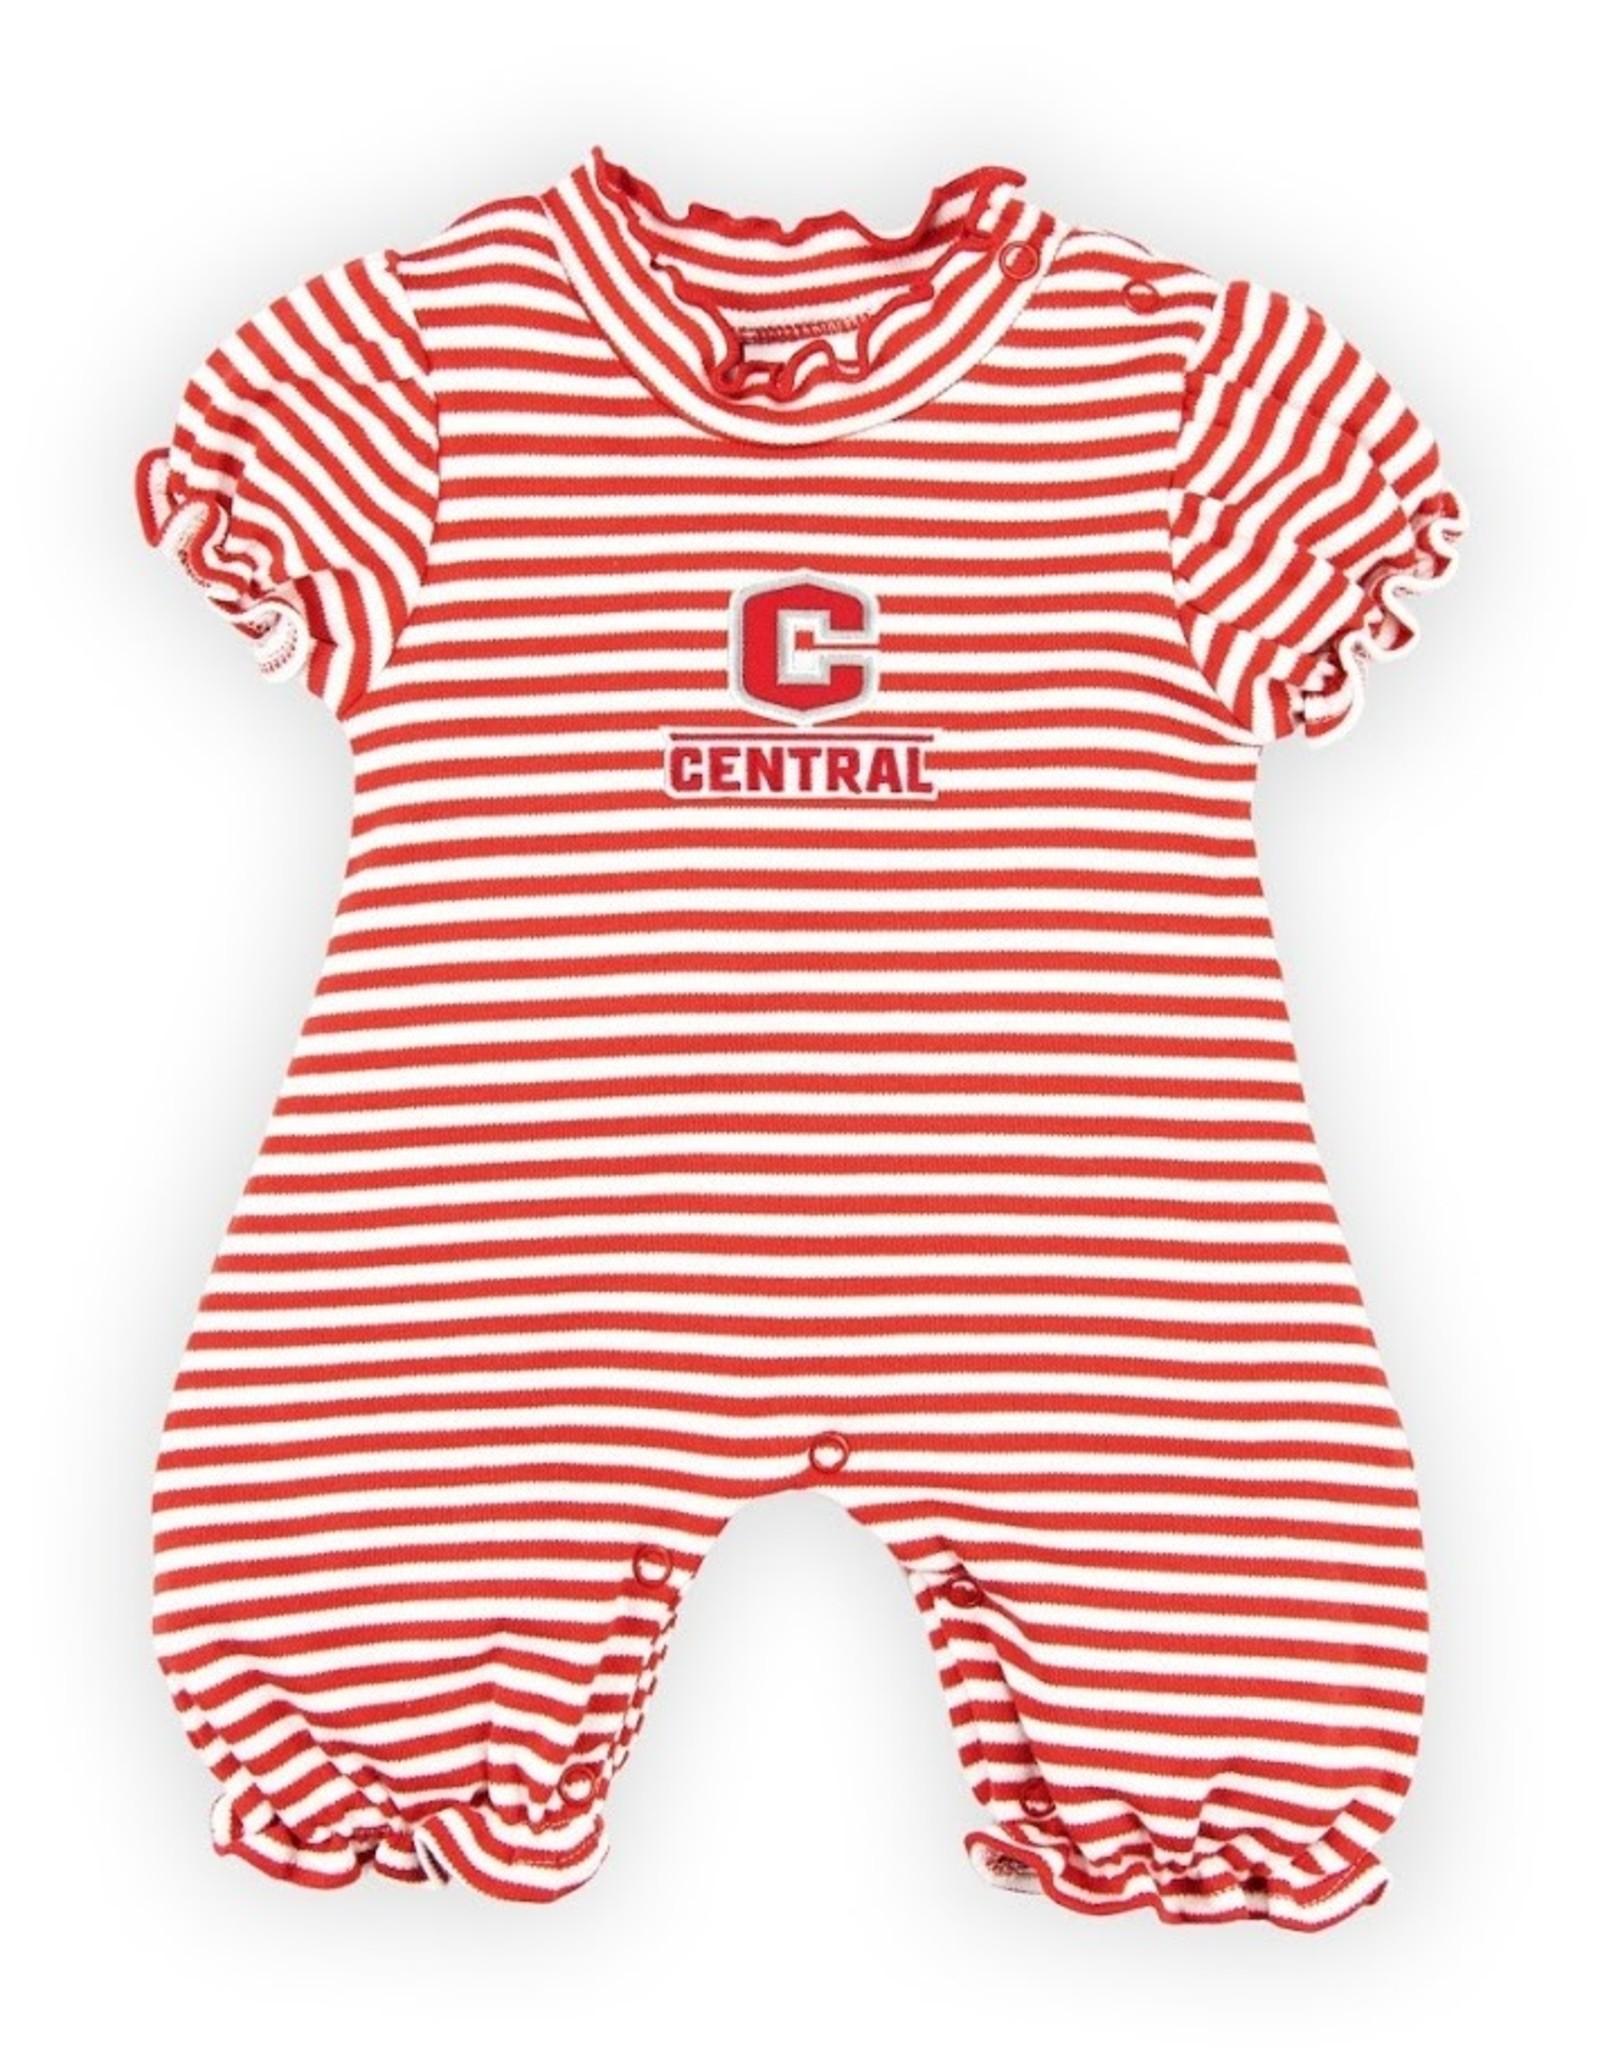 Creative Knitwear Creative Knitwear Bubble Romper Red/Wht